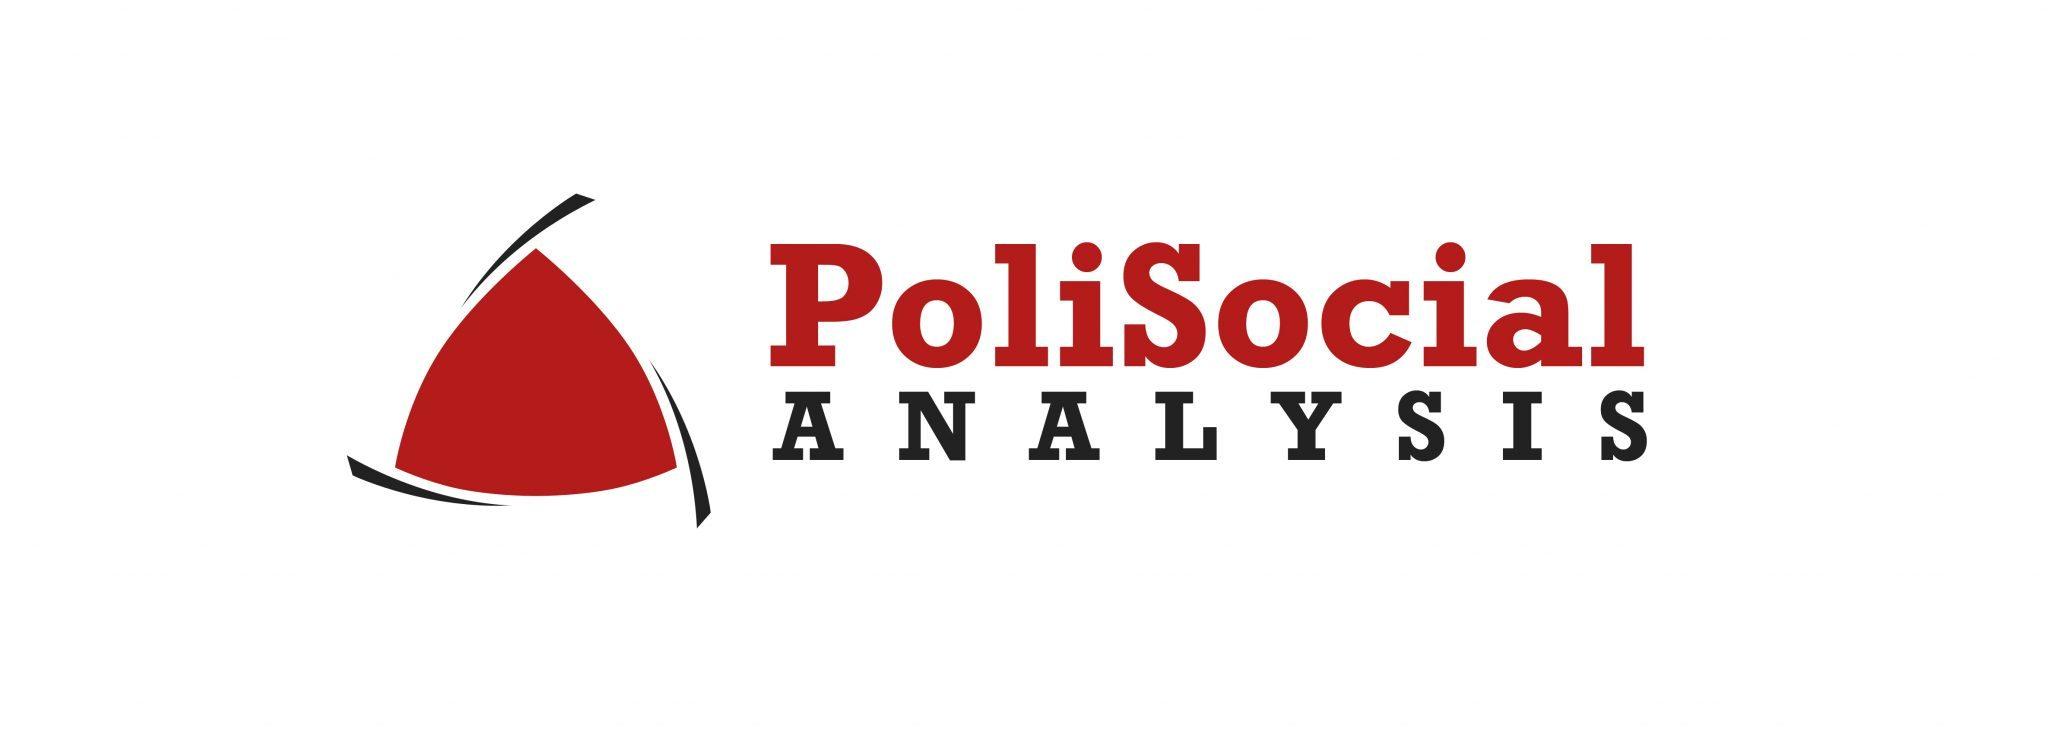 polisocial_analysis